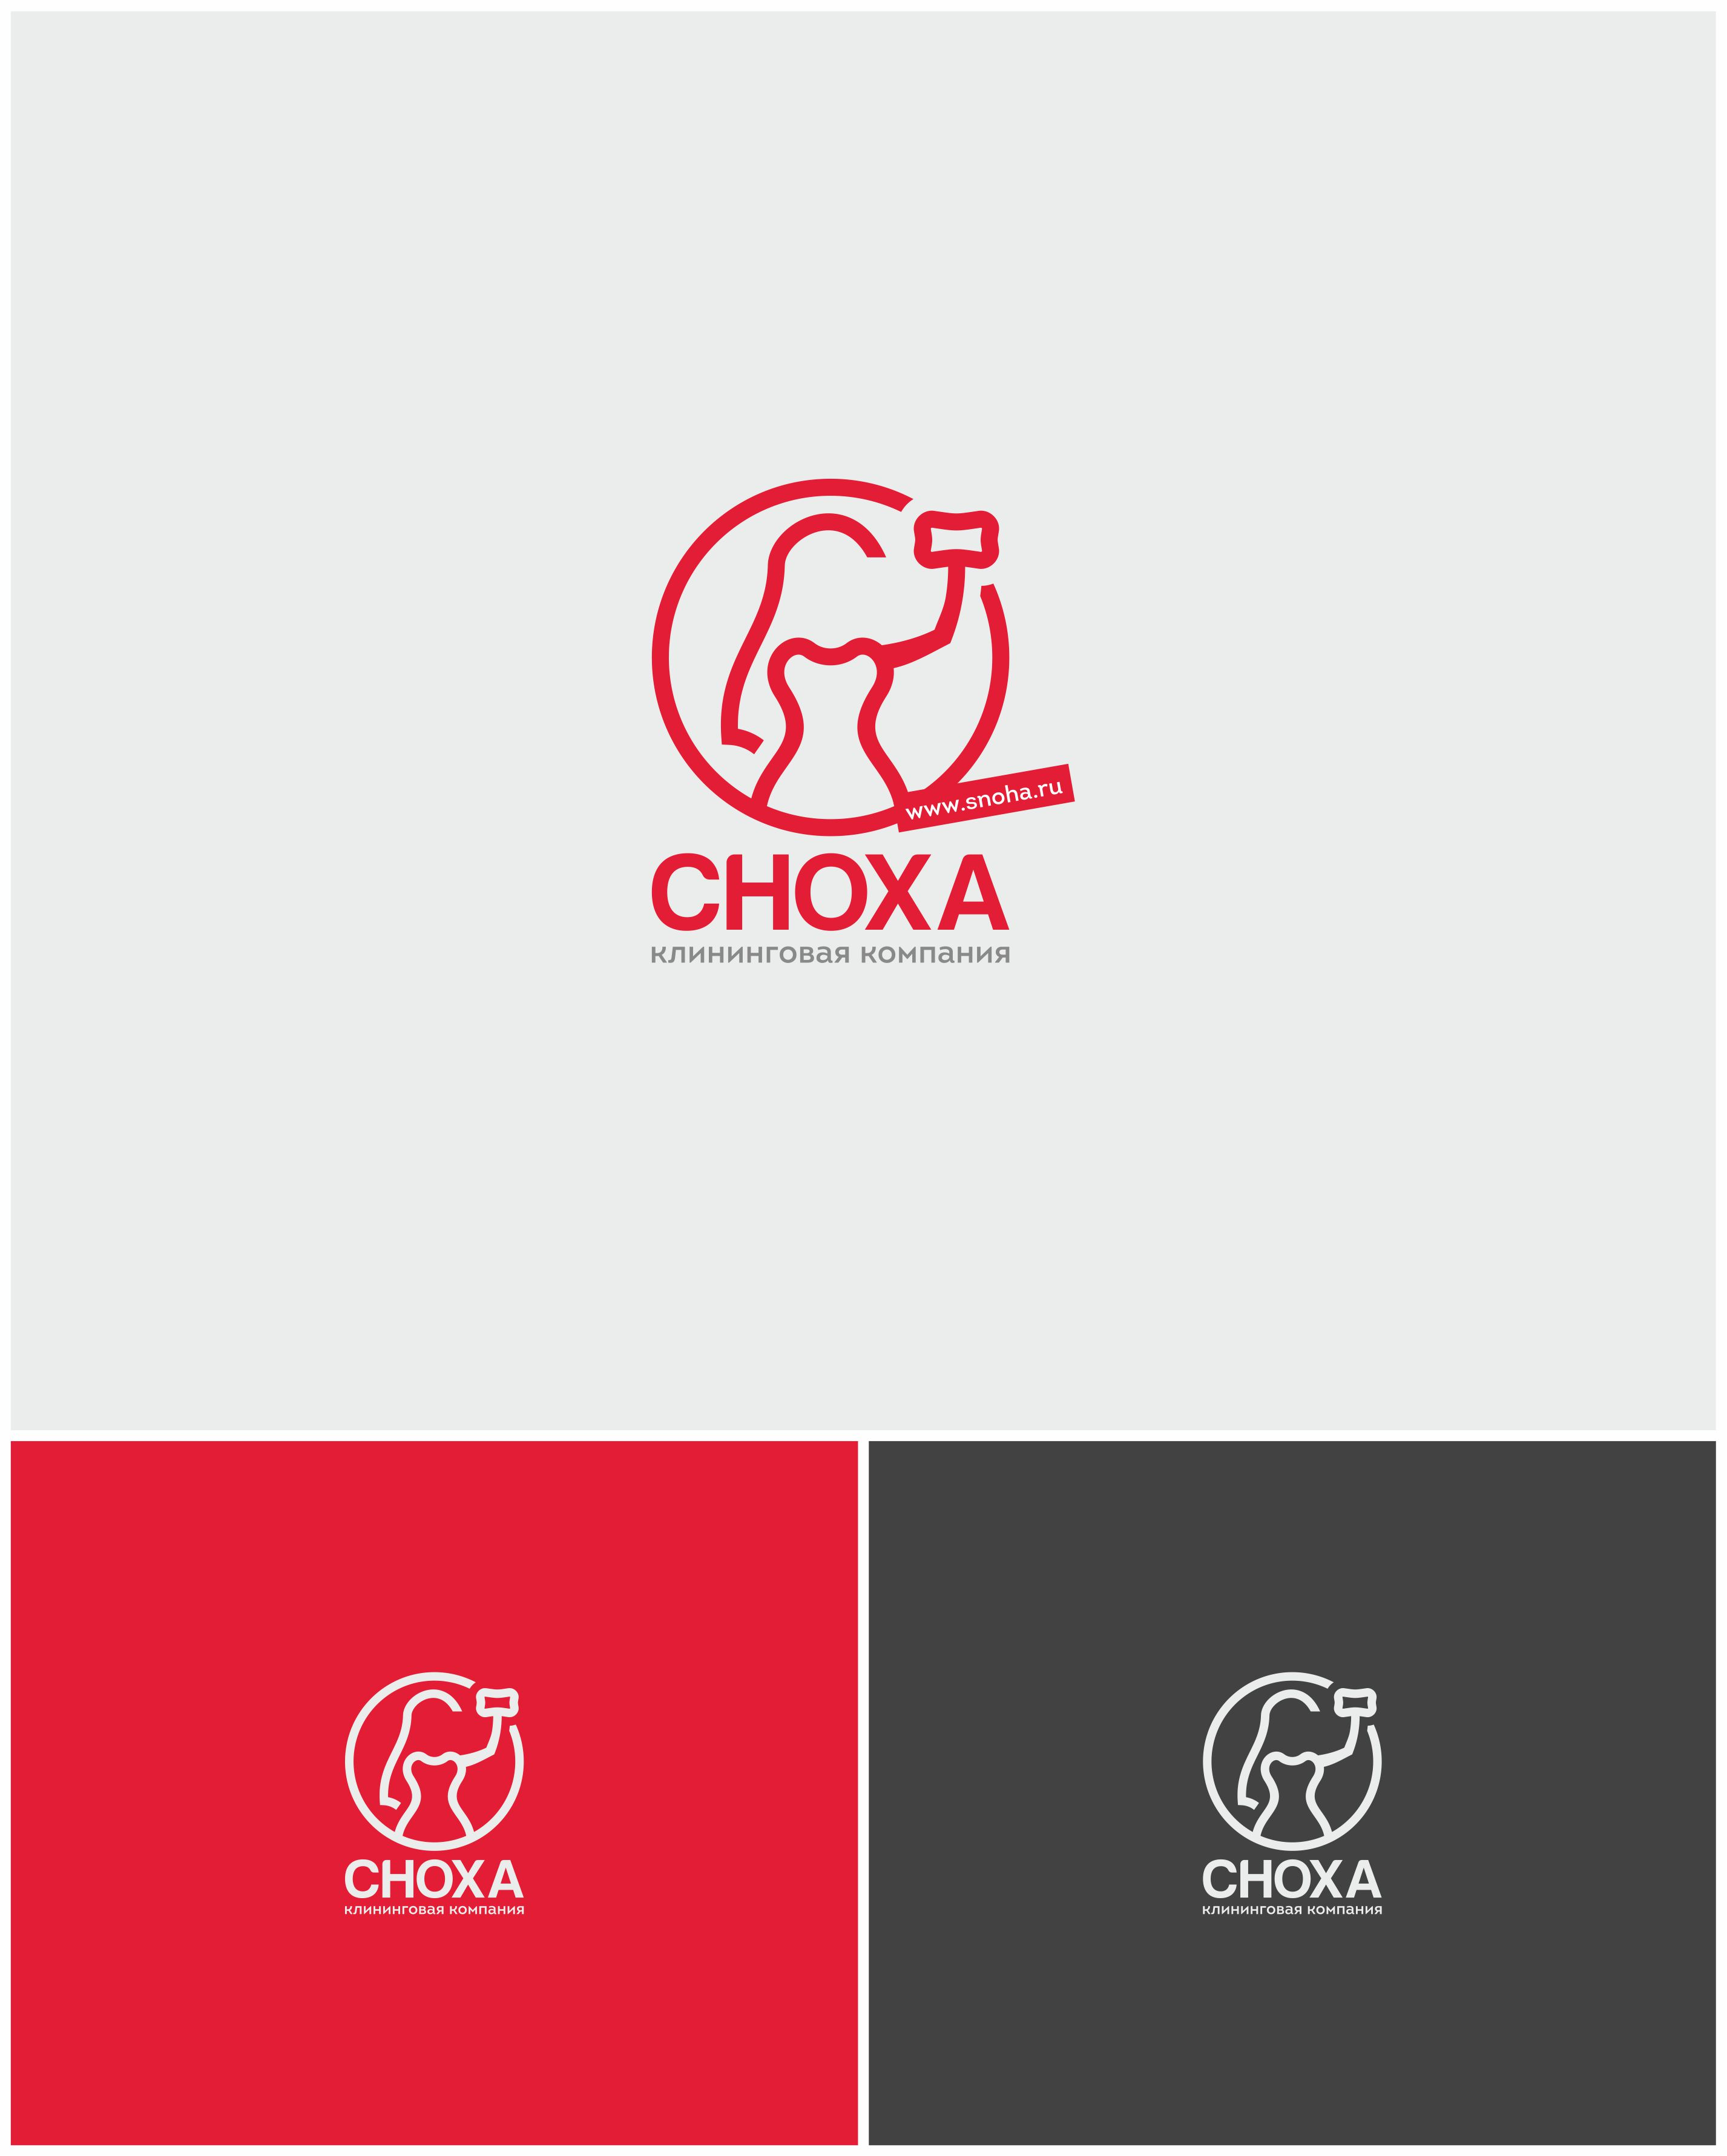 Логотип клининговой компании, сайт snoha.ru фото f_26854a5ebf8e9ef9.jpg